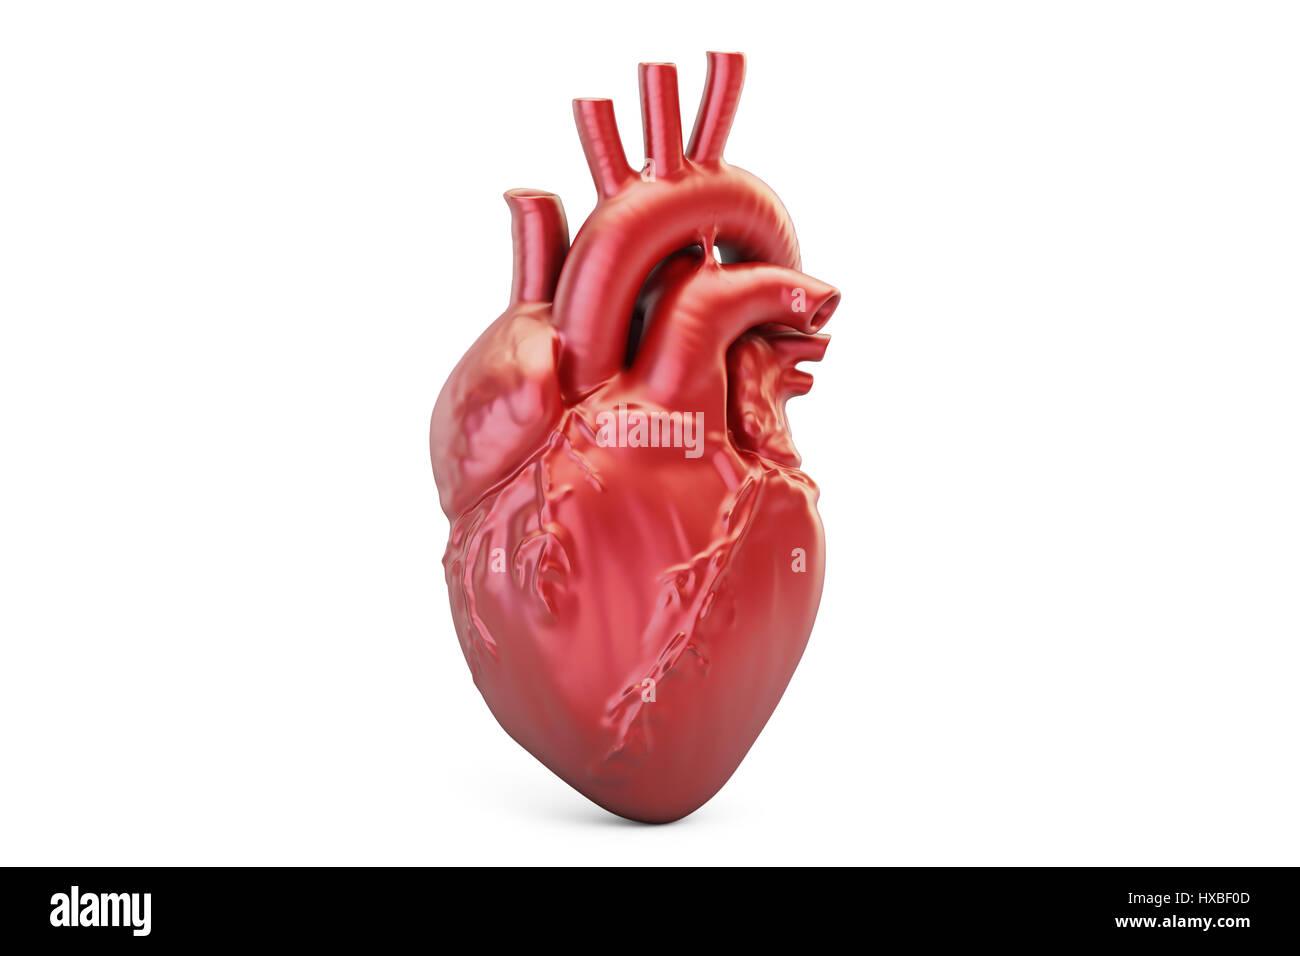 Menschliches Herz, 3D-Rendering isolierten auf weißen Hintergrund ...